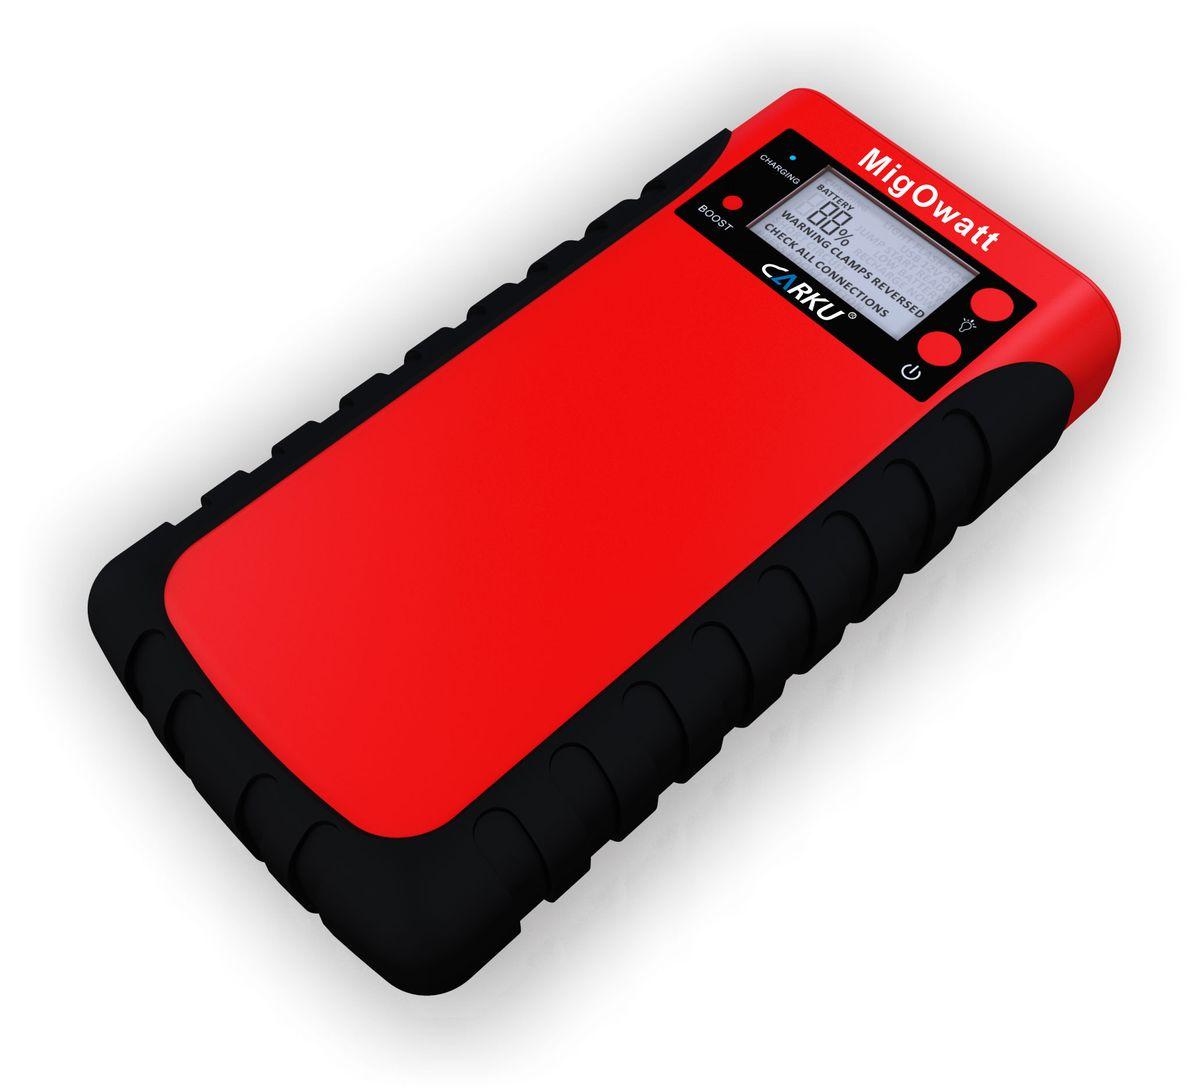 Пуско-зарядное устройство Carku E-Power-43 15000 мАч (55,5 Вт/ч)6956229900369Carku E-Power-43 - это многофункциональное портативное пуско-зарядное устройство с корпусом, защищенным от воздействия пыли и влаги. Модель можно использовать для самых различных целей, начиная запуском авто или мотоцикла с разряженной штатной АКБ и заканчивая зарядкой мобильных гаджетов. В комплекте с E-Power-43 имеется специальный переходник и восемь штекеров, позволяющие питать батареи телефонов разных производителей. Также в наборе имеется адаптер для прикуривателя, задачей которого является питание некоторых автоприборов. Поскольку корпус устройства не подвержен воздействию влажной среды и не забивается пылью, с ним можно отправляться в длительные путешествия, на рыбалку или охоту. Модель позволит зарядить севший смартфон, планшет и другие небольшие девайсы, чтобы даже вдали от цивилизации они оставались в рабочем состоянии.Емкость батареи E-Power-43 составляет15 000 мАч, пиковый ток гаджета - 500 А, пусковой ток - 250 А.Такое портативное пуско-зарядное устройство может использоваться в нескольких целях:1. Carku E-Power-43 отлично подходит для выполнения функций внешнего аккумулятора для небольшой мобильной техники, плееров, телефонов. А посредством переходника прикуривателя 12В можно подпитывать многочисленные автогаджеты и прочие 12-вольтовые девайсы для путешественников, любителей активного отдыха, рыбалки и охоты. 2. Гаджет используется как универсальное пусковое устройство для автомобиля или мототранспорта. Модель применяется для многоразового использования, позволяя круглогодично запускать двигатели машин или мотоциклов при севшем аккумуляторе 12В. В зимний сезон рекомендуется для использования на бензиновых двигателях объемом до 4 л, а дизельных - до 2,5 л. 3. При необходимости выступает в роли обычного светодиодного фонарика, может работать в непрерывном режиме, мигать или посылать сигналы о помощи (SOS) с помощью света. Главными отличиями Carku E-Power-43 от аналогичных гаджет